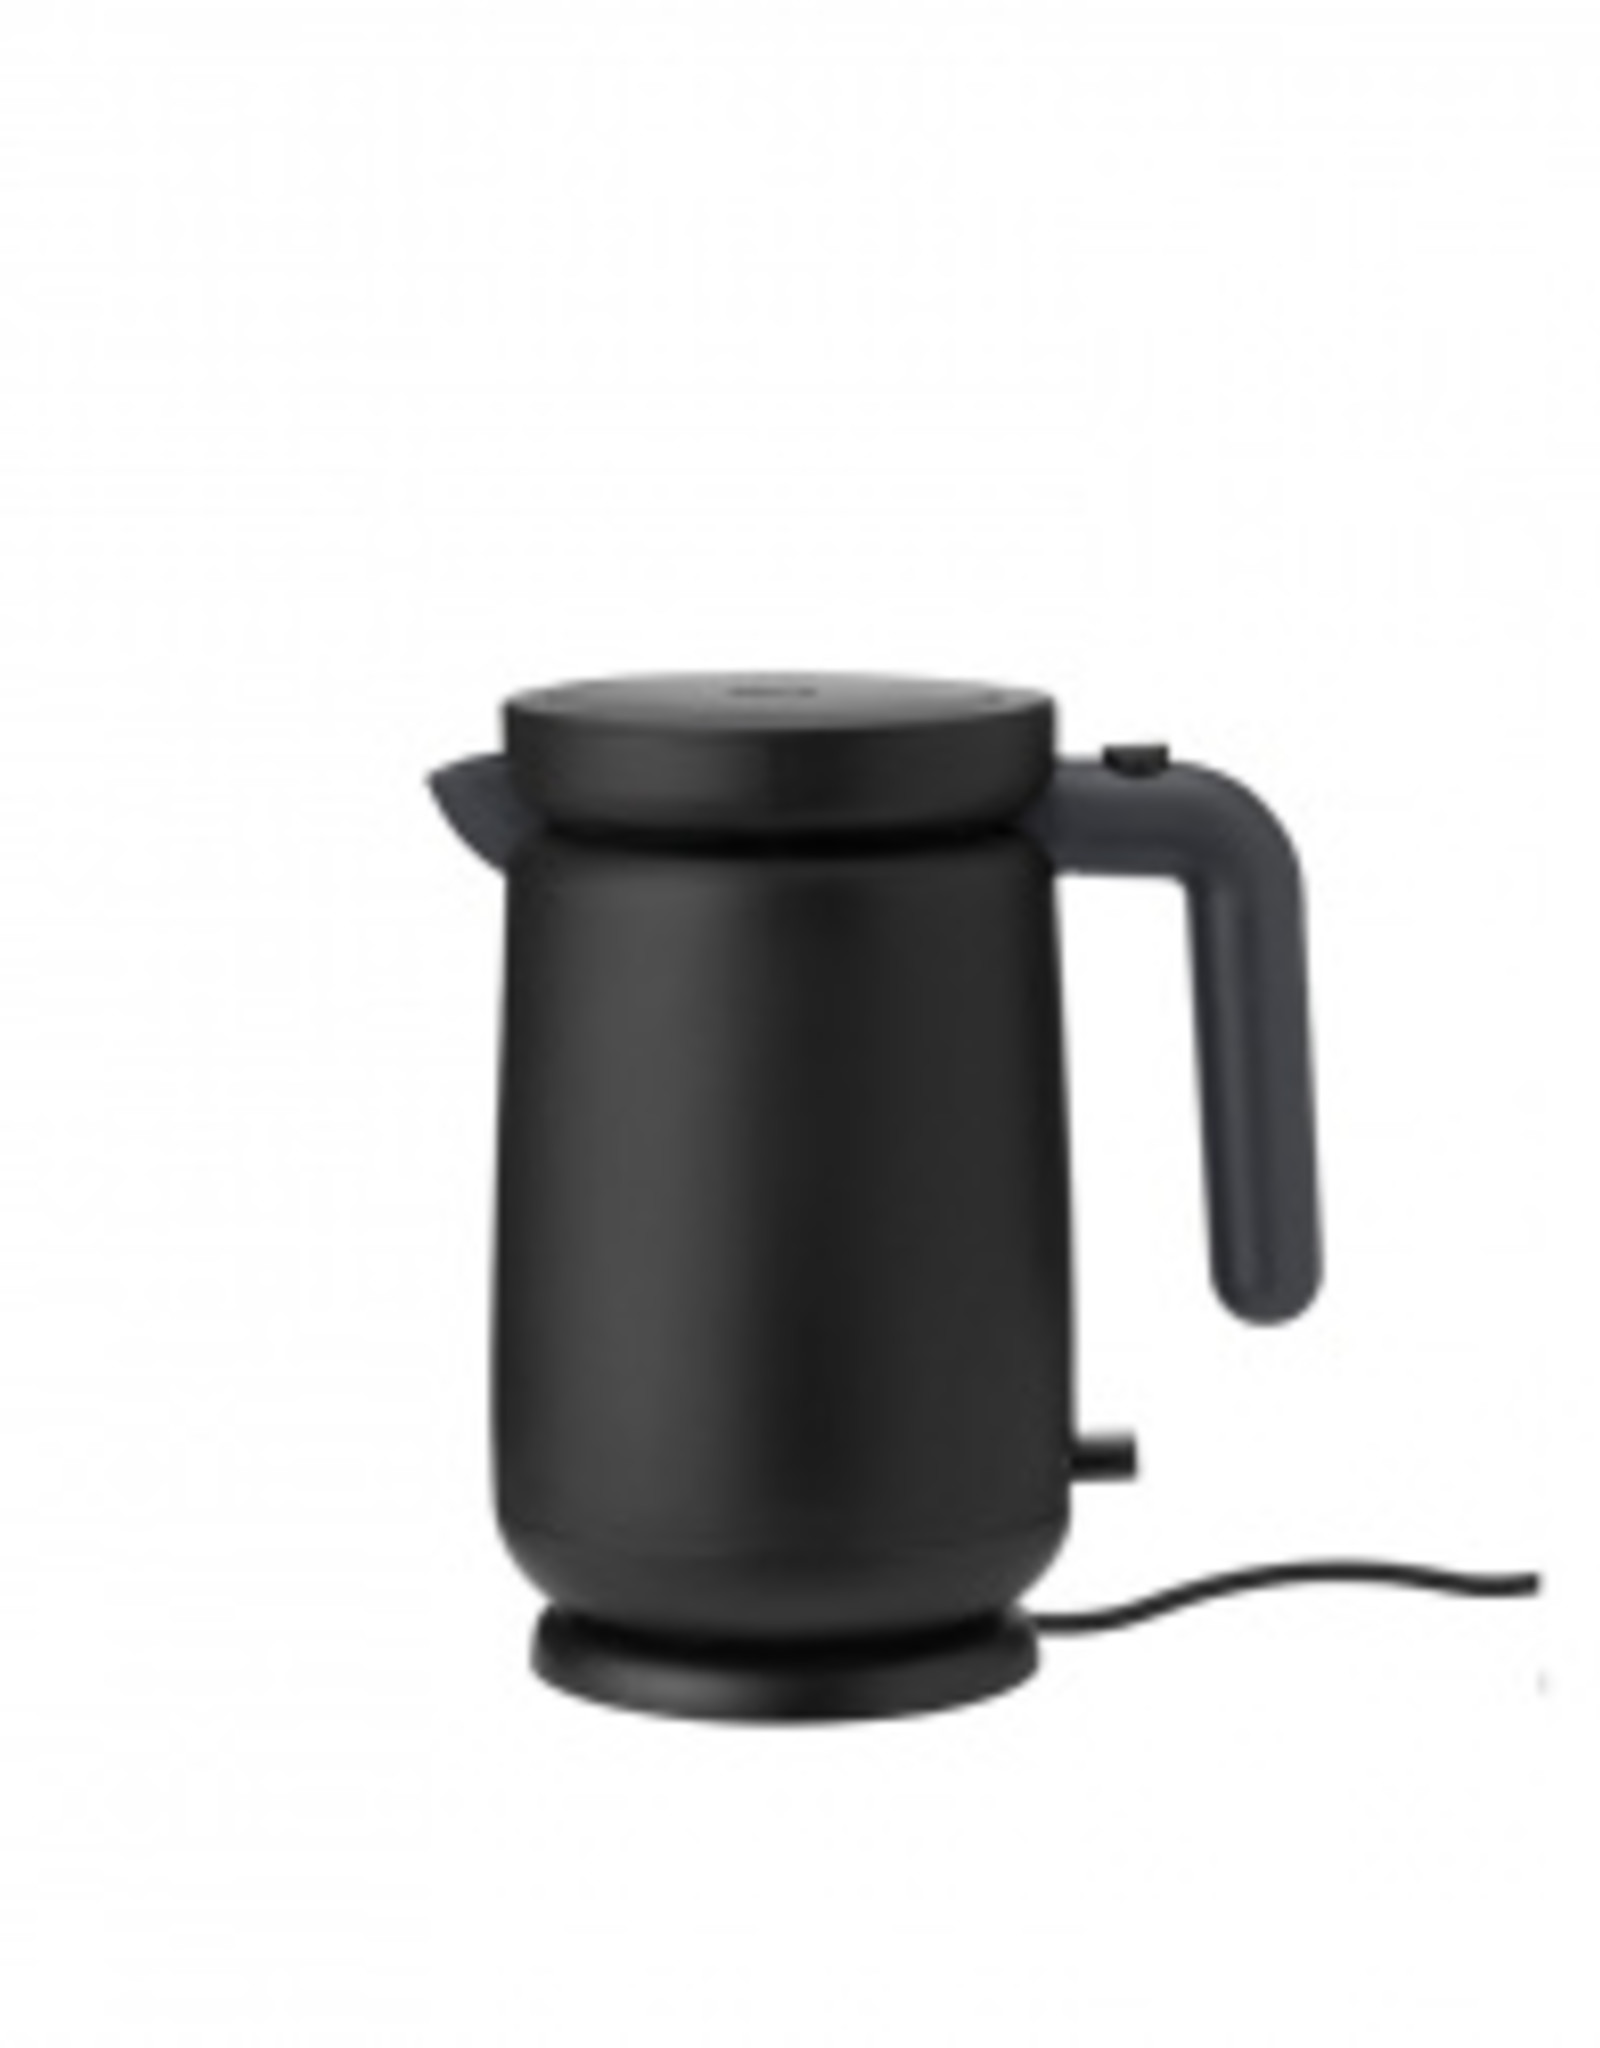 RIG-TIG by Stelton Rig-Tig Foodie Waterkoker 1 l zwart